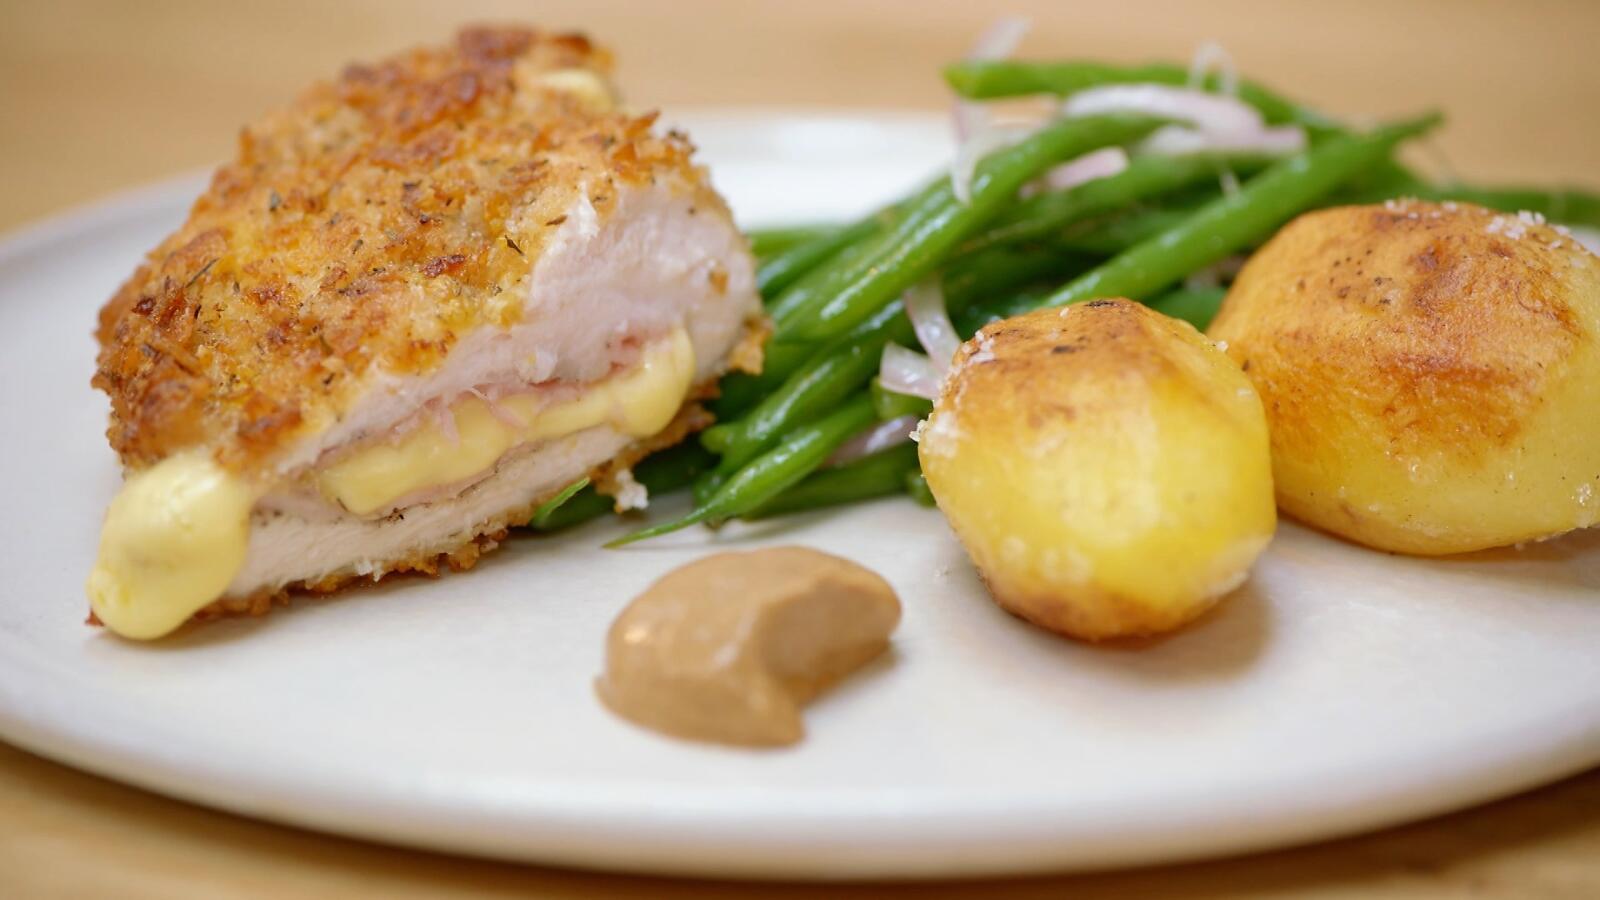 Gepaneerde kip met ham en kaas, gebakken aardappelen en boontjes